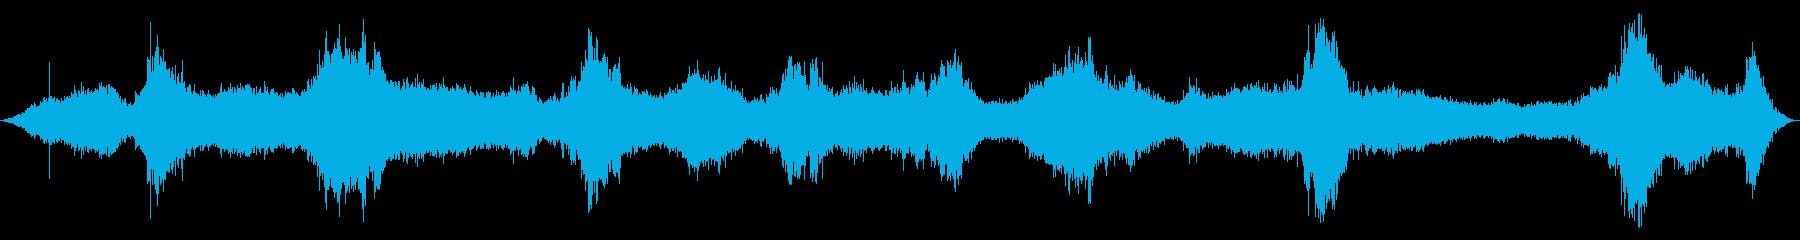 海洋:光から中程度の波、コンクリー...の再生済みの波形